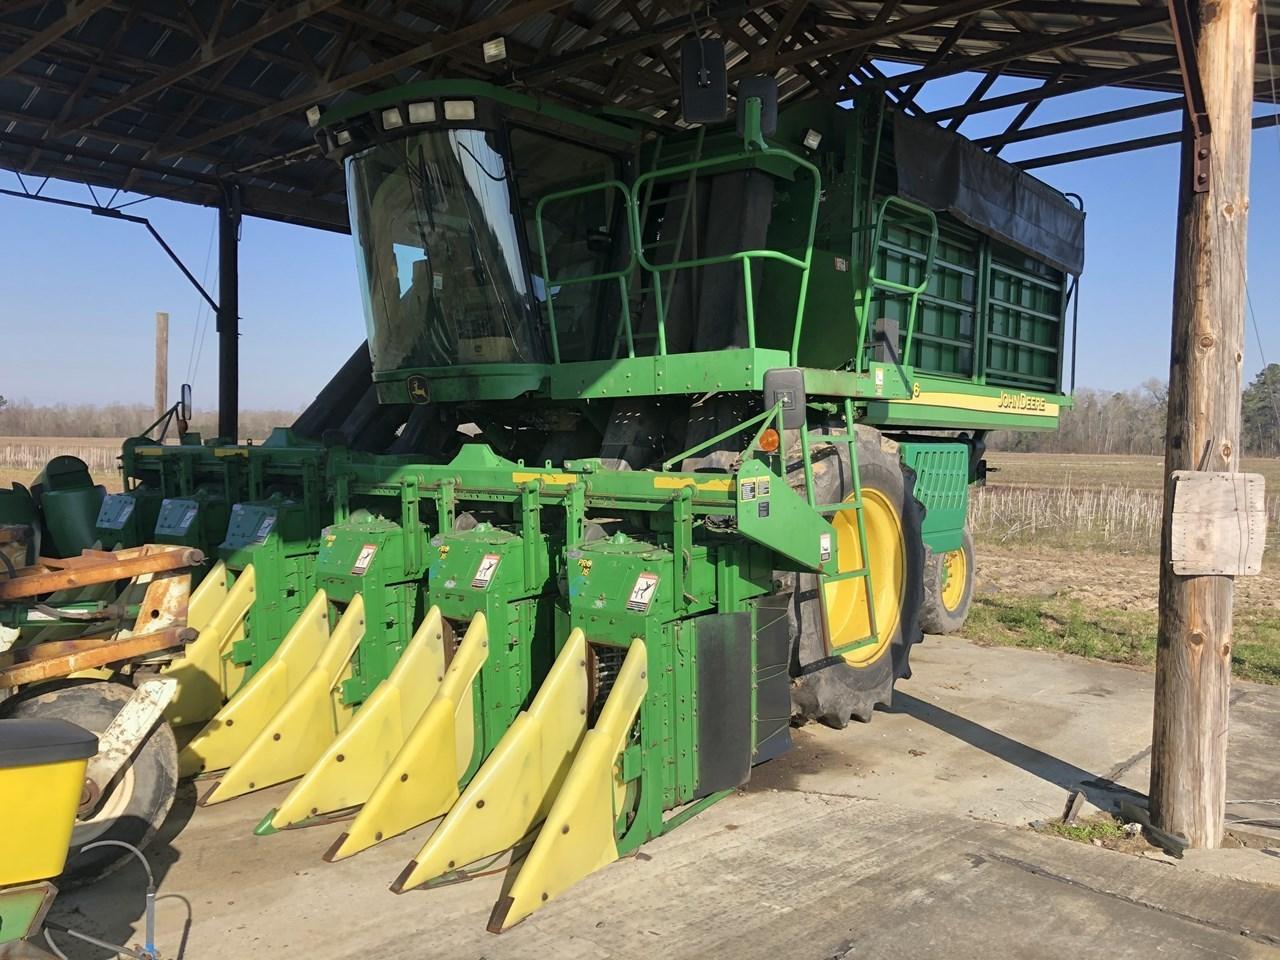 2005 John Deere 9996 Cotton Picker For Sale